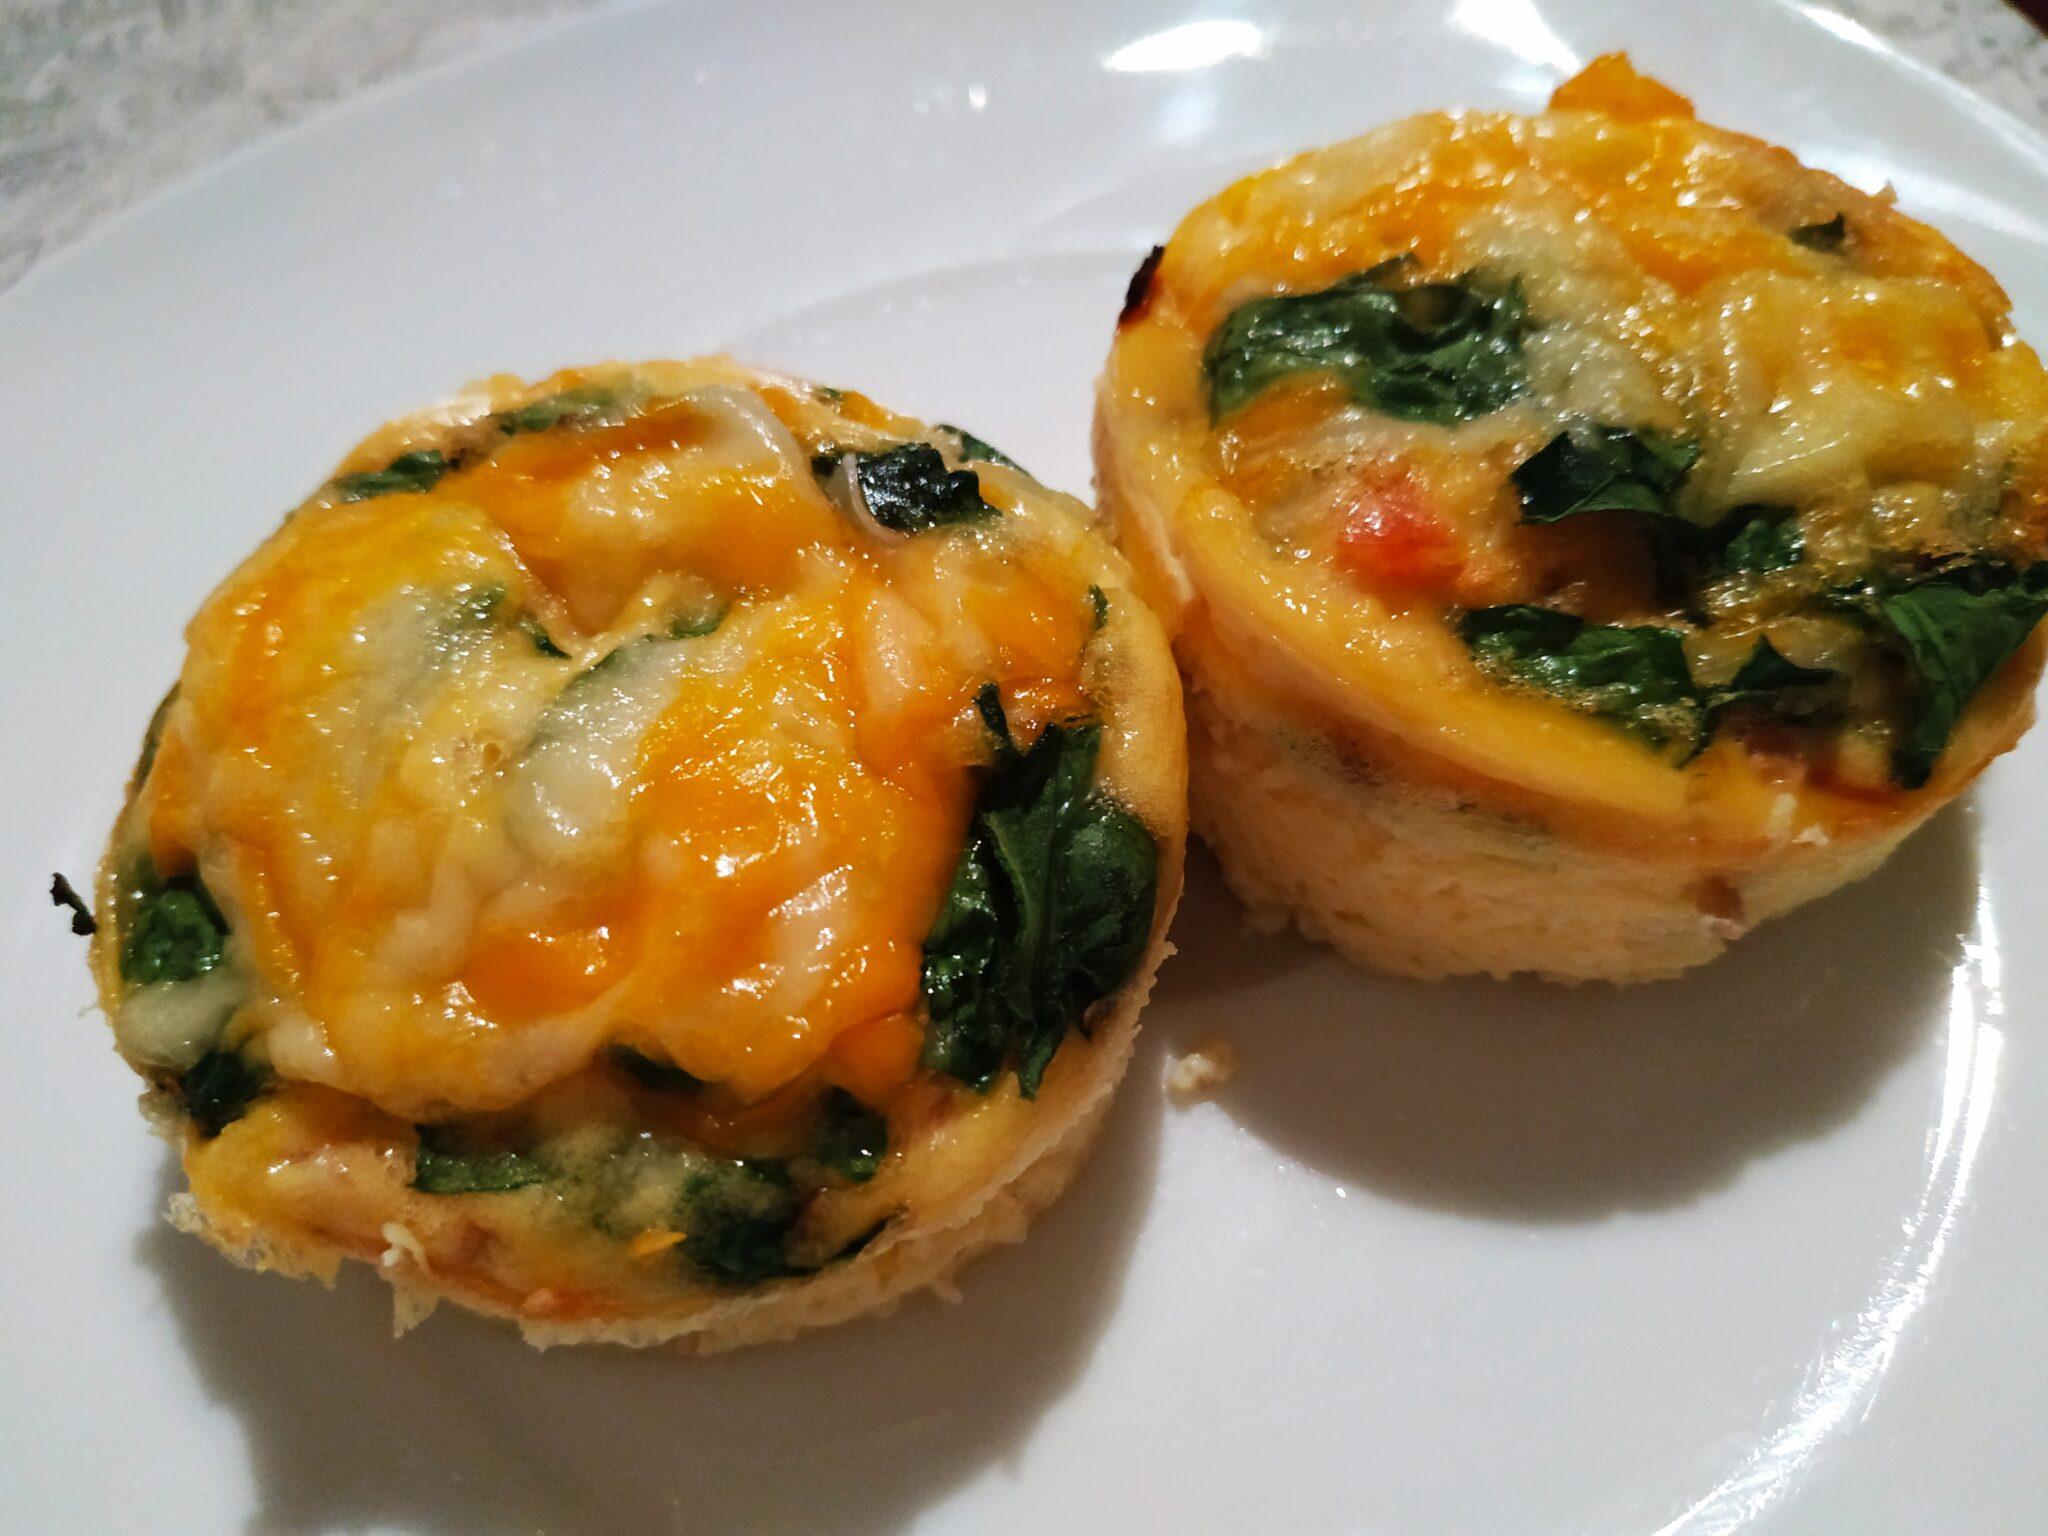 IMG 20190913 230041 - Cocina con #MamaKeto: muffins de huevo con tomate y espinacas